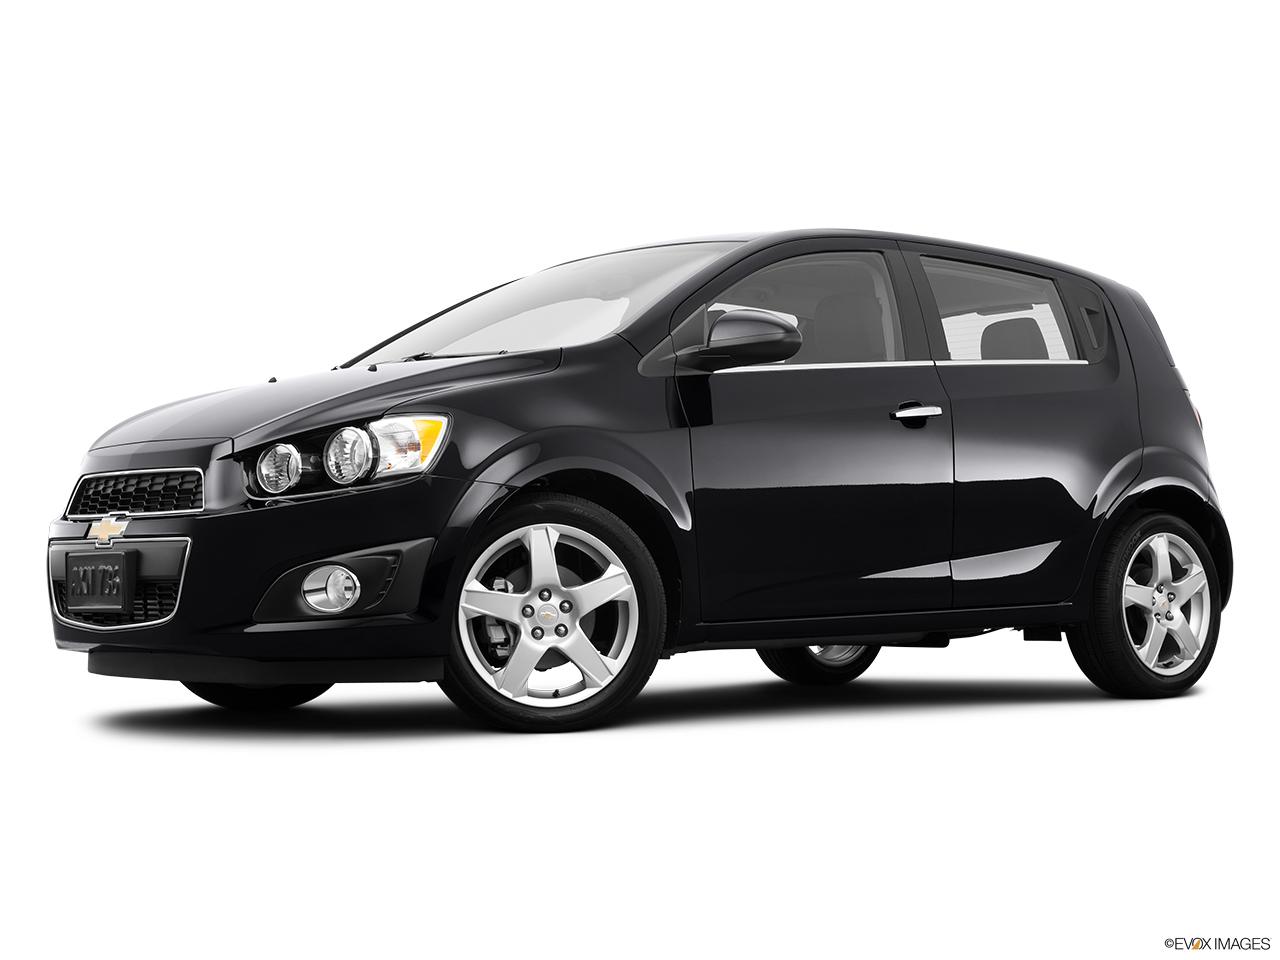 2014 chevrolet sonic 5dr hatchback manual ltz. Black Bedroom Furniture Sets. Home Design Ideas